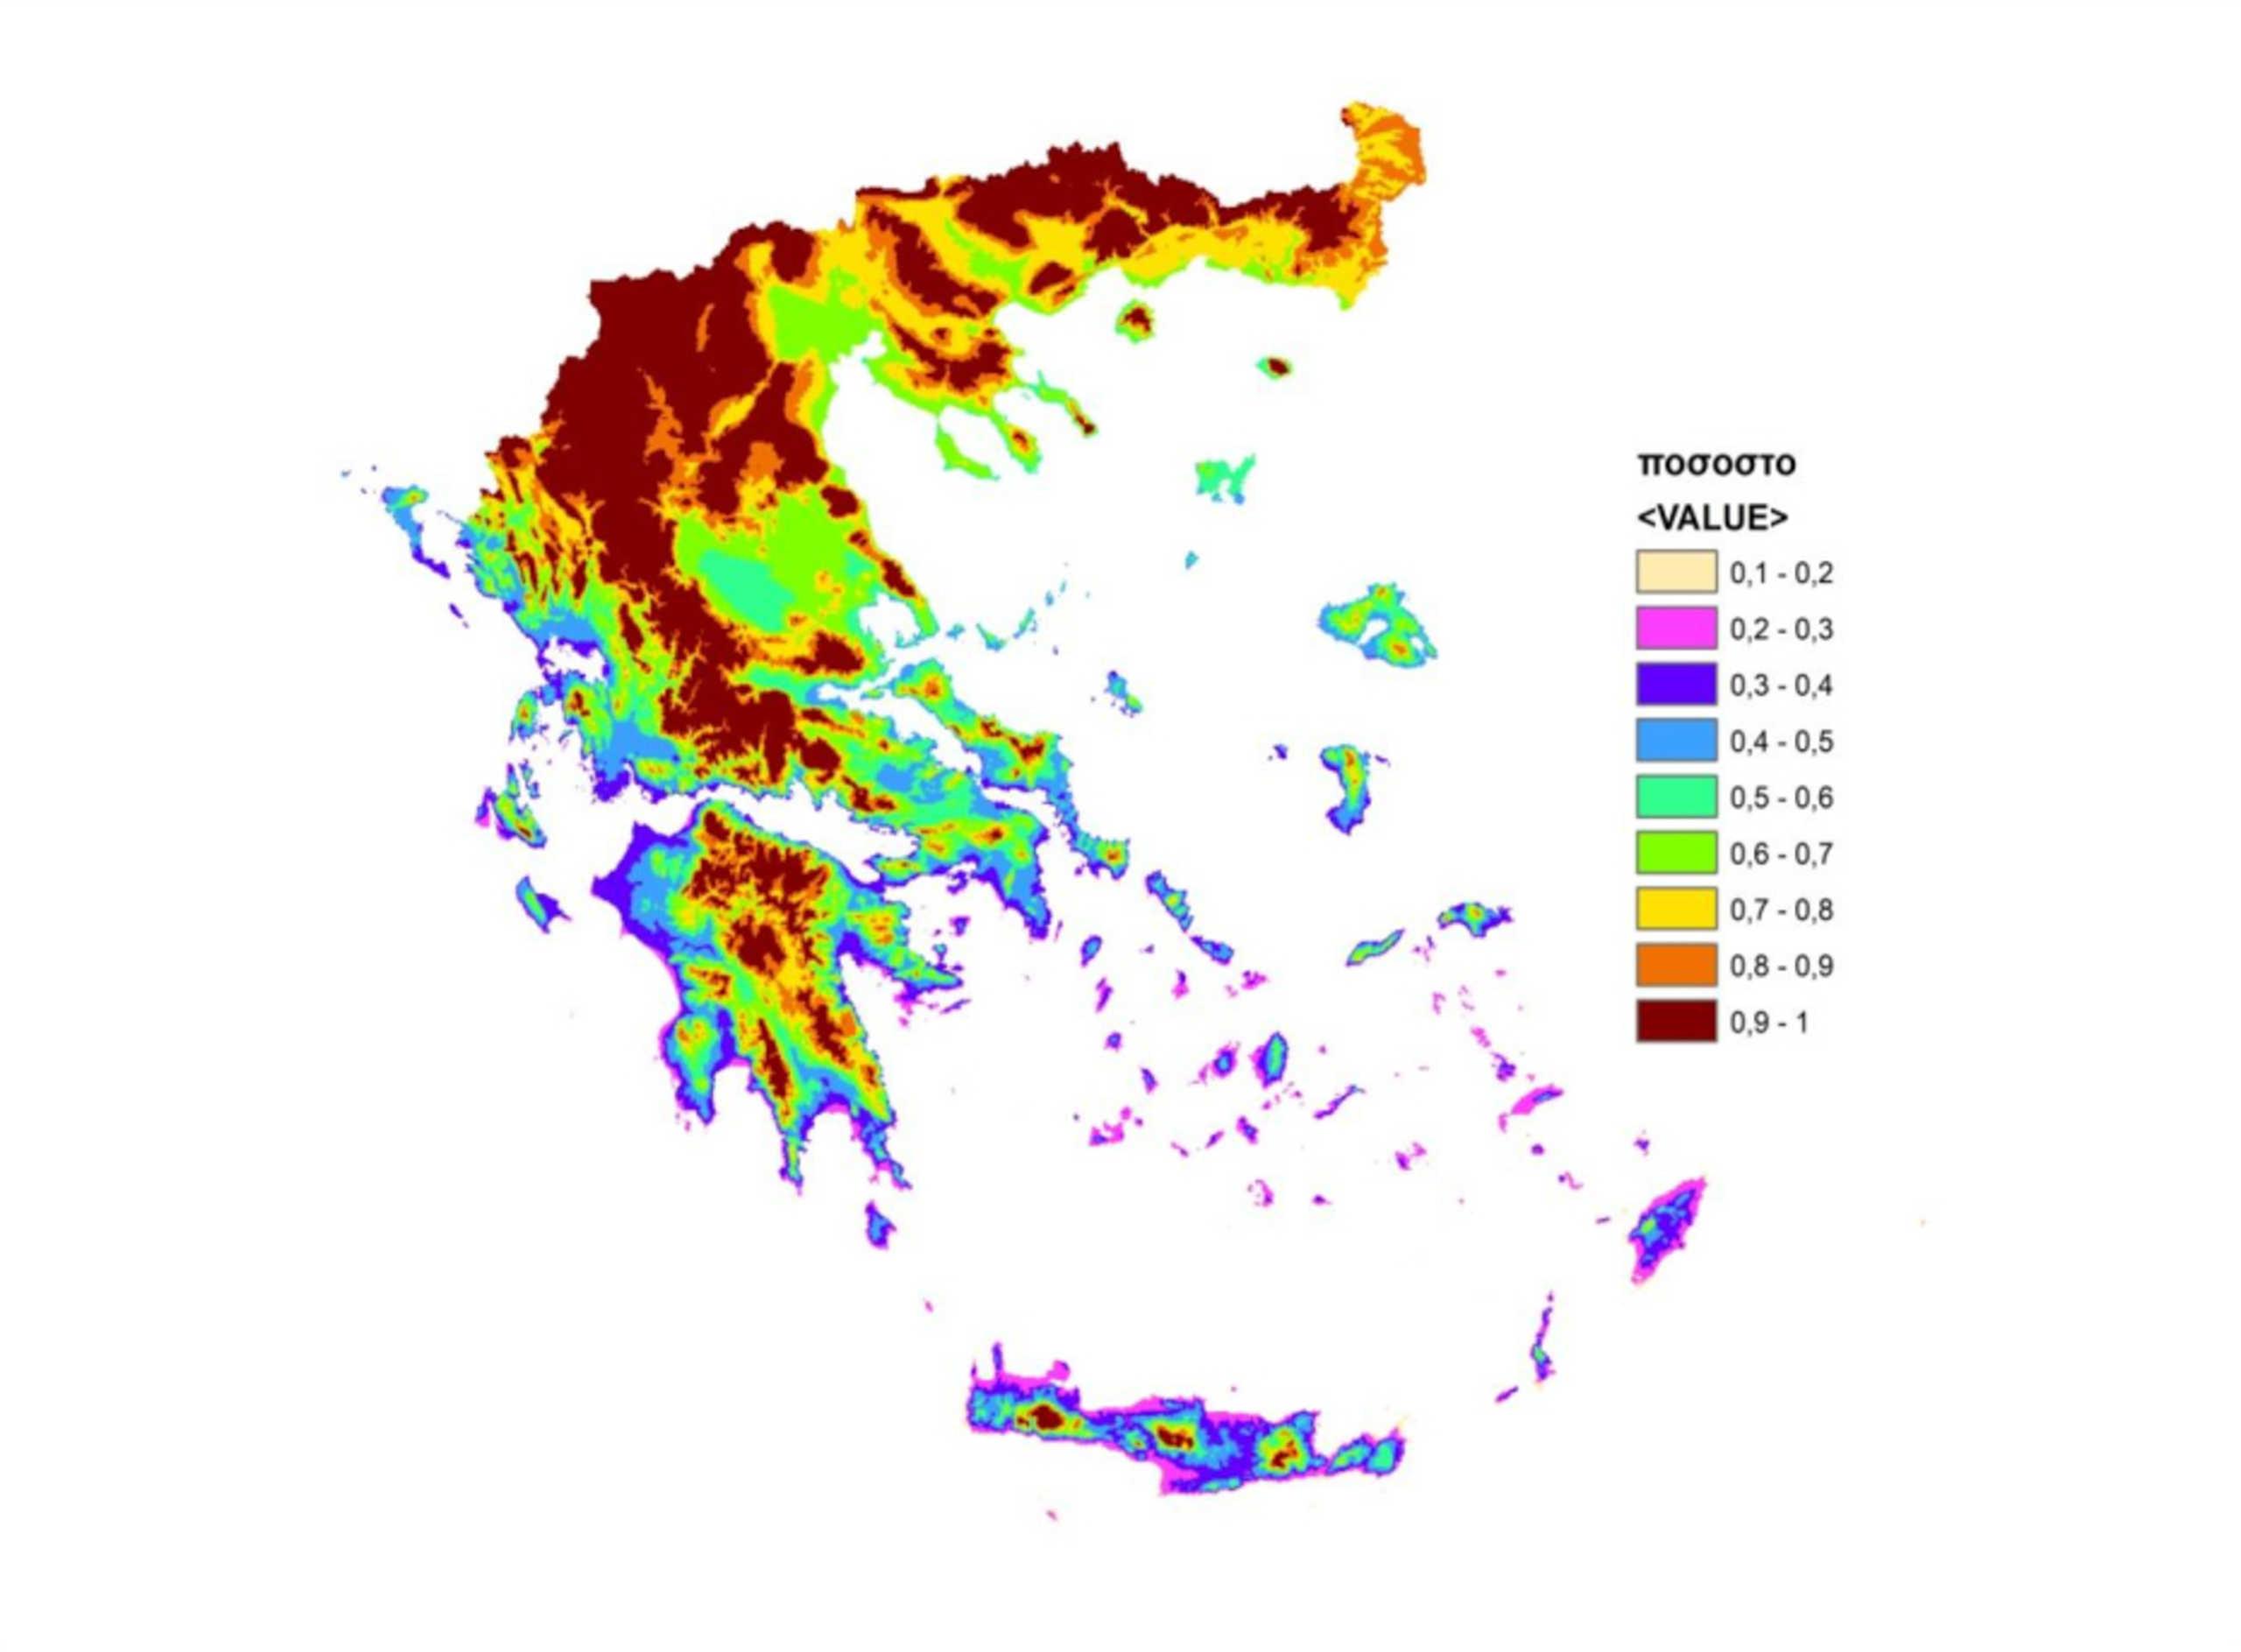 χάρτης για επίδομα πετρελαίου θέρμανσης